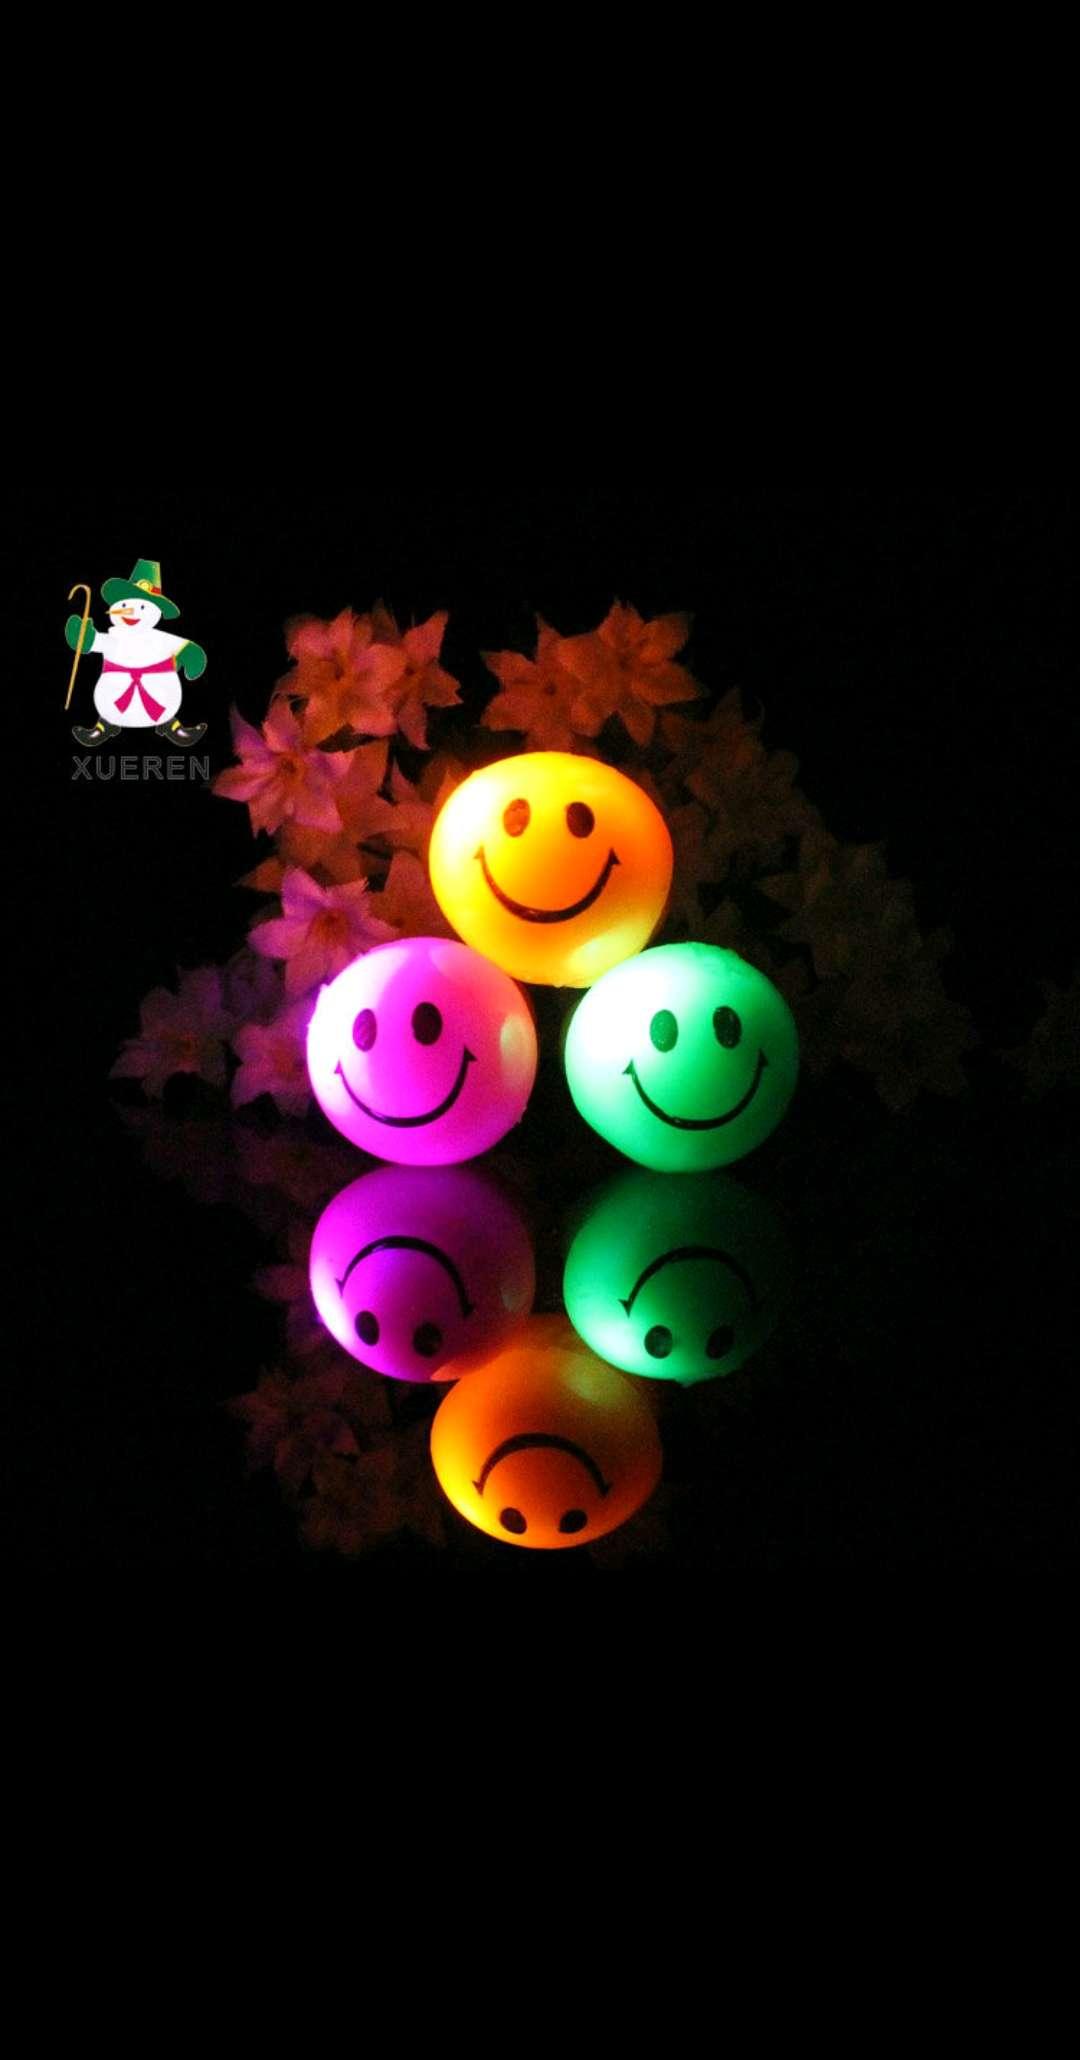 2015热销儿童玩具闪光玩具可爱笑脸发光戒指戒指地摊热卖